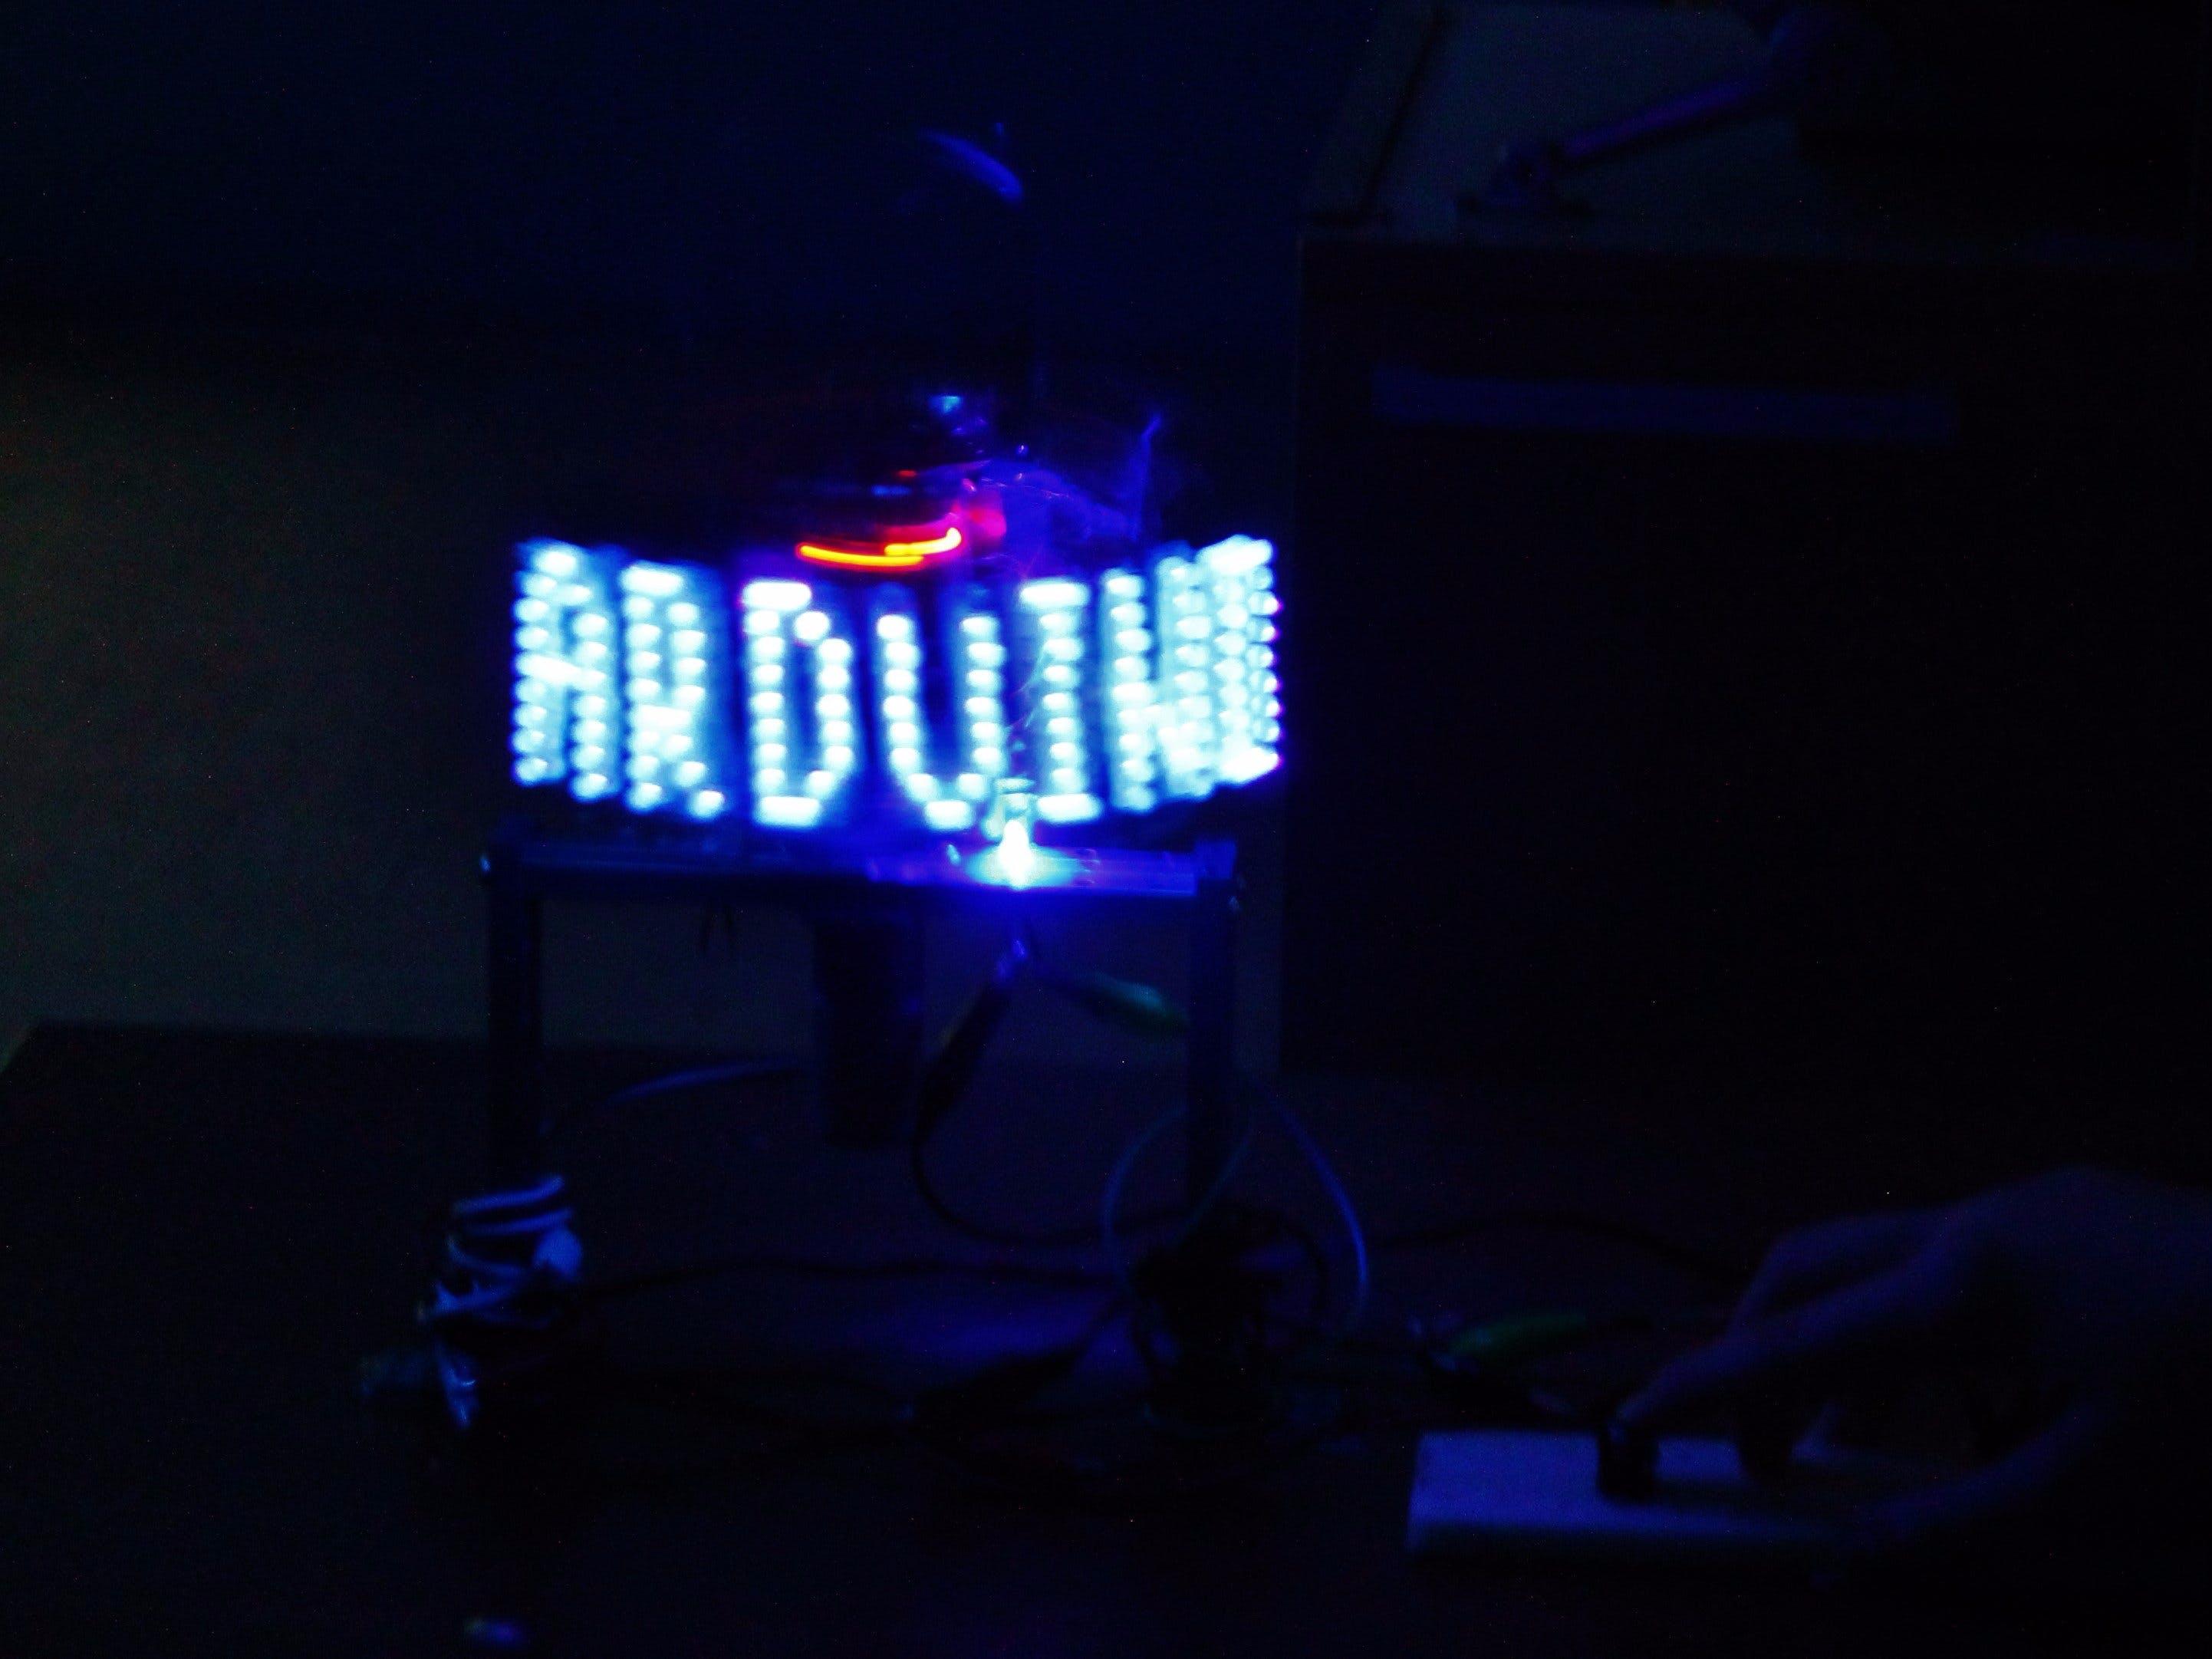 LED Rotation Display